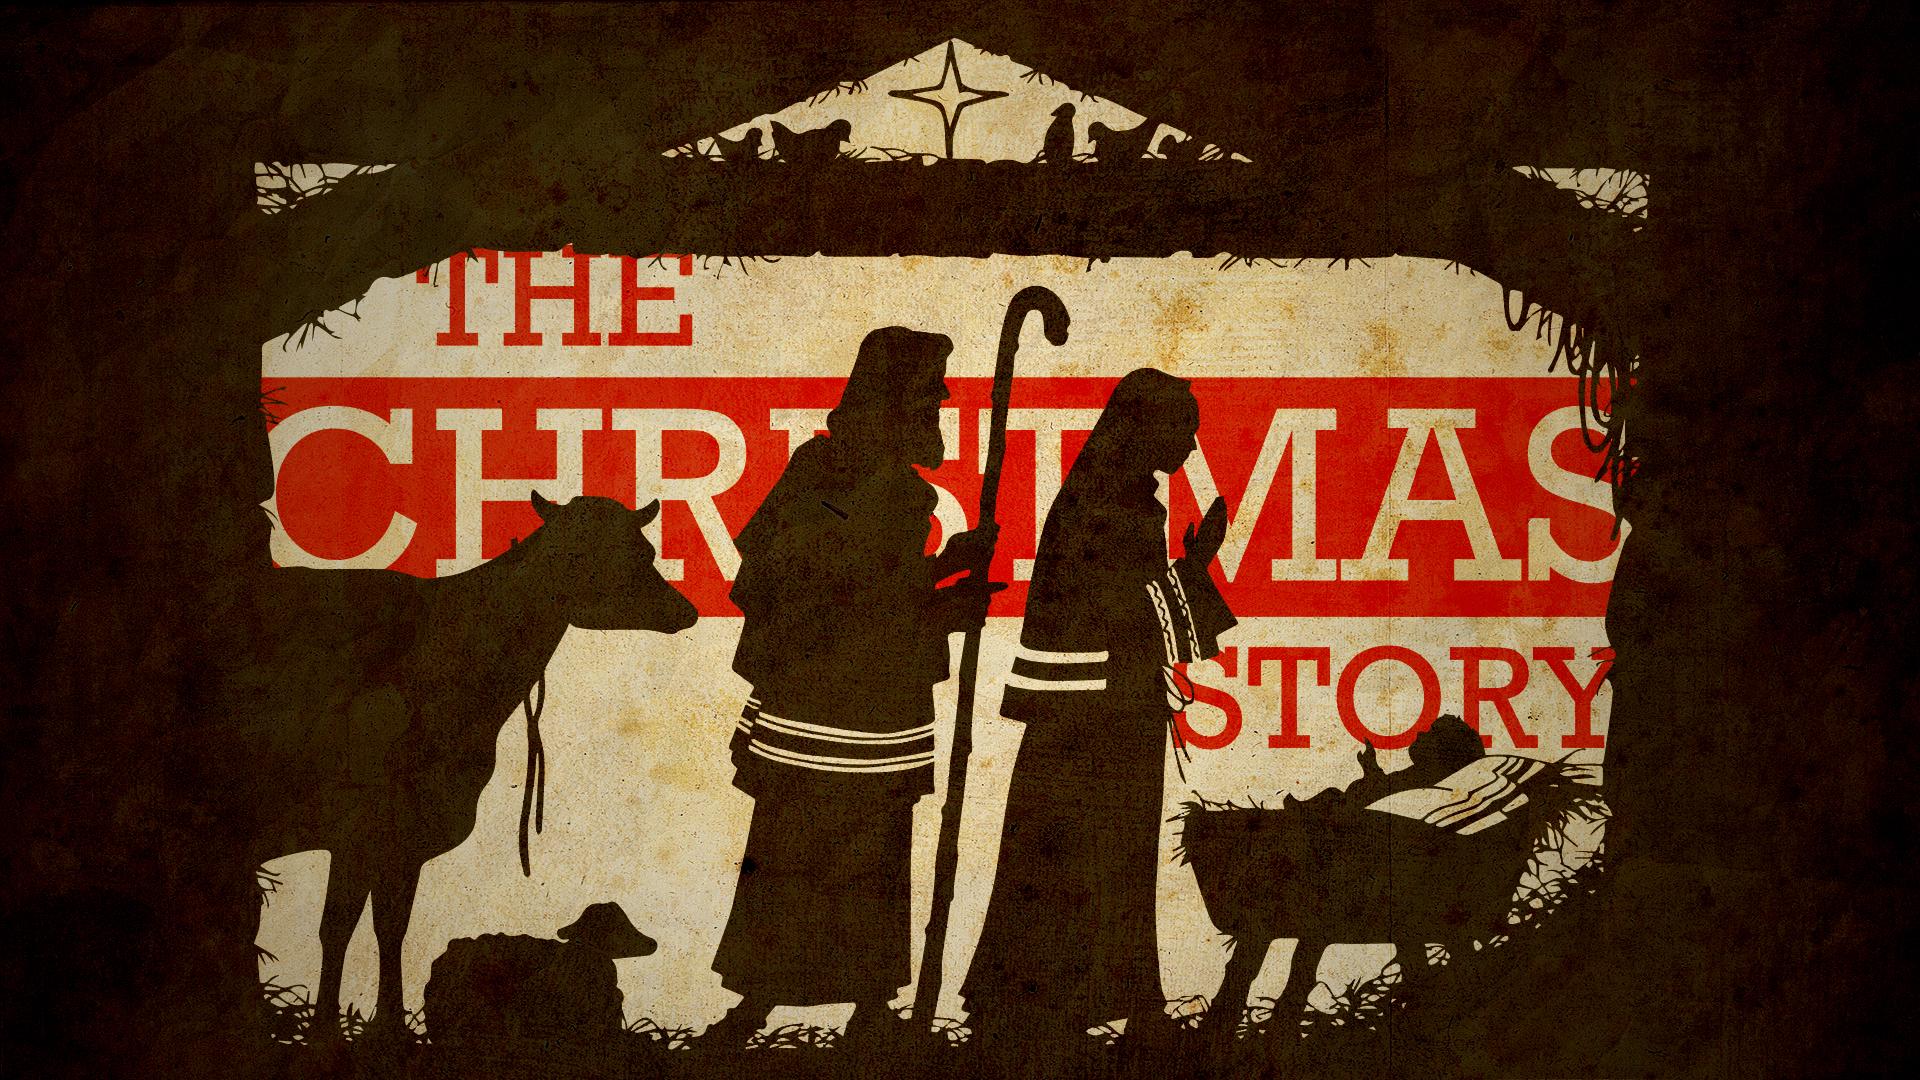 the christmas story - full art.jpg